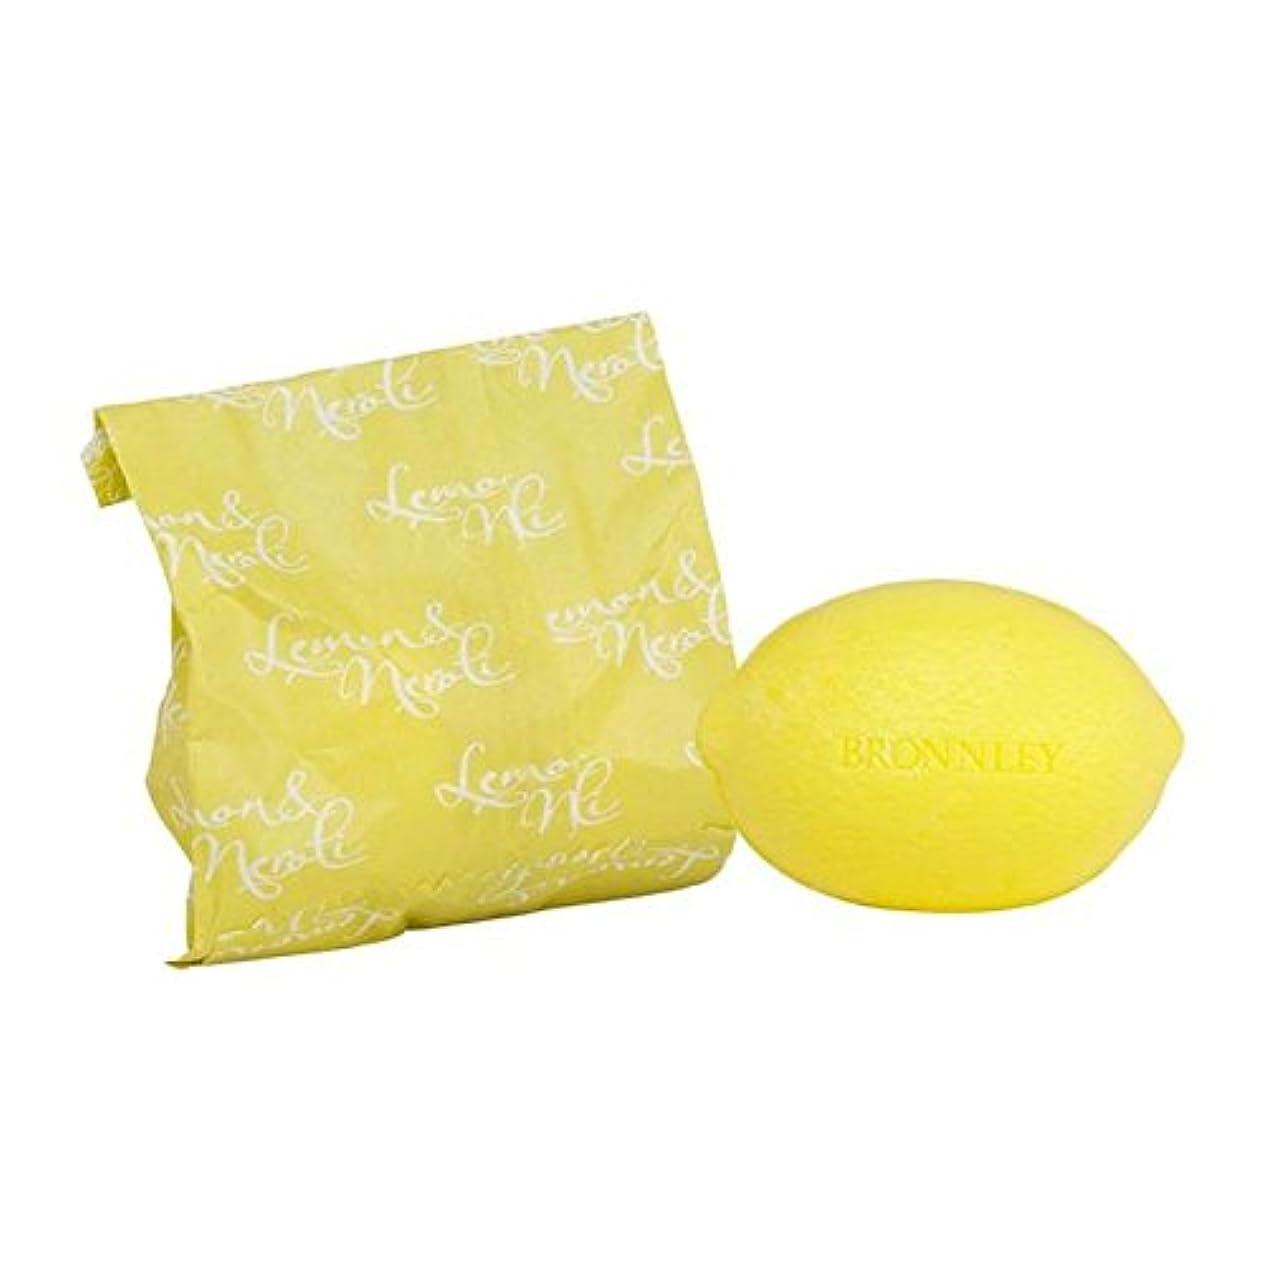 雰囲気表面的なセラフレモン&ネロリ石鹸100グラム x4 - Bronnley Lemon & Neroli Soap 100g (Pack of 4) [並行輸入品]